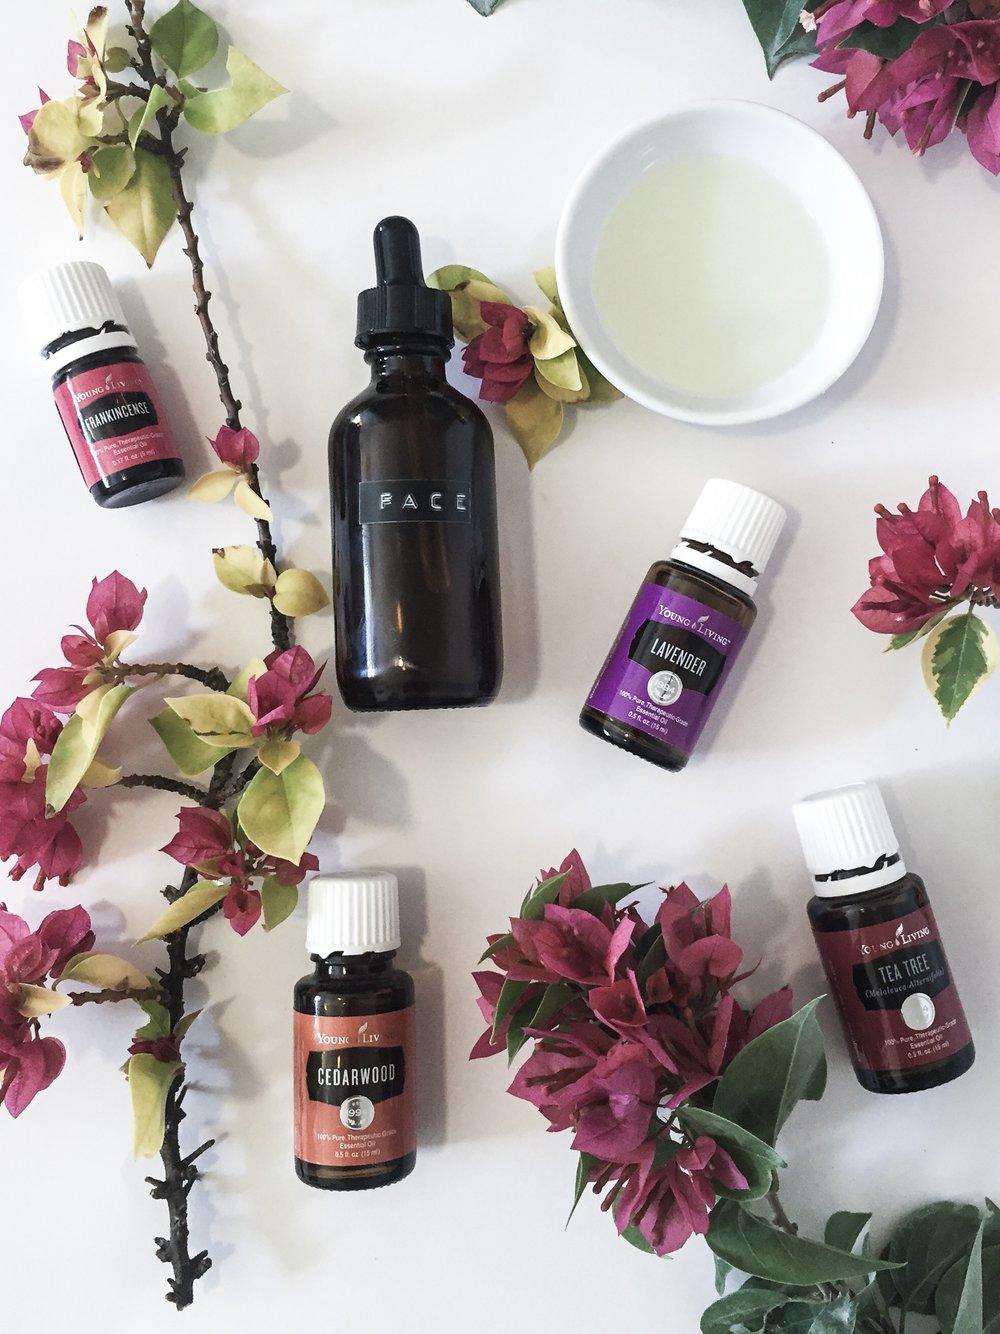 anti-aging face oil